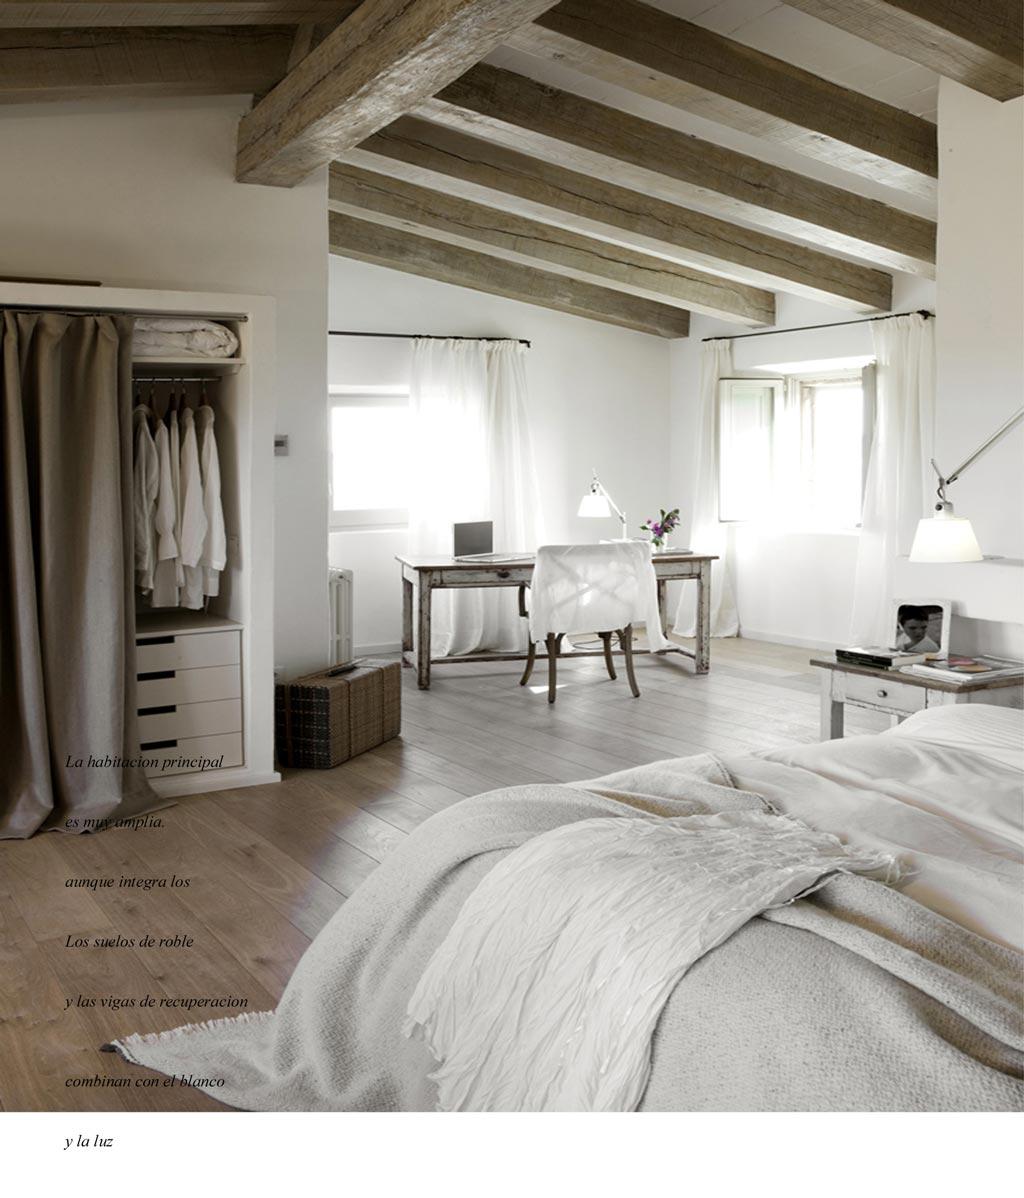 Camera Da Letto Shabby Chic : Camera da letto shabby chic ikea ...